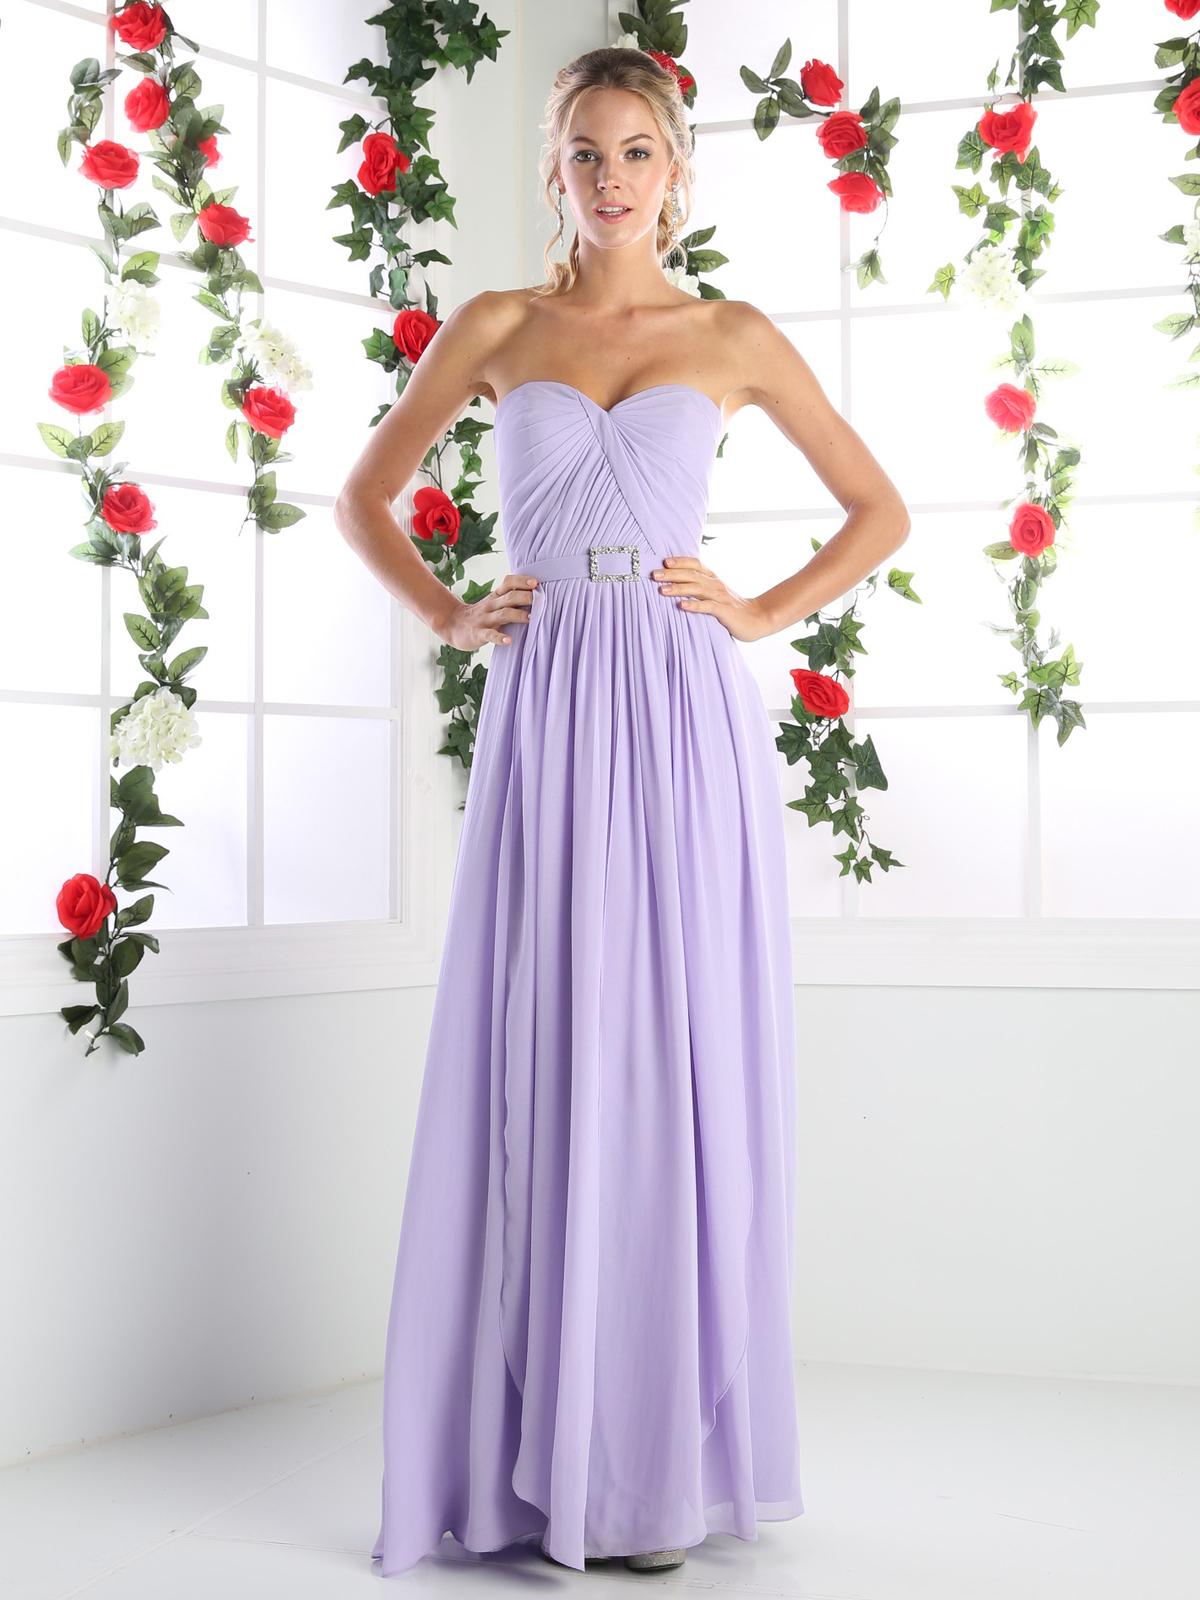 Encantador Sparkling Bridesmaid Dresses Modelo - Vestido de Novia ...